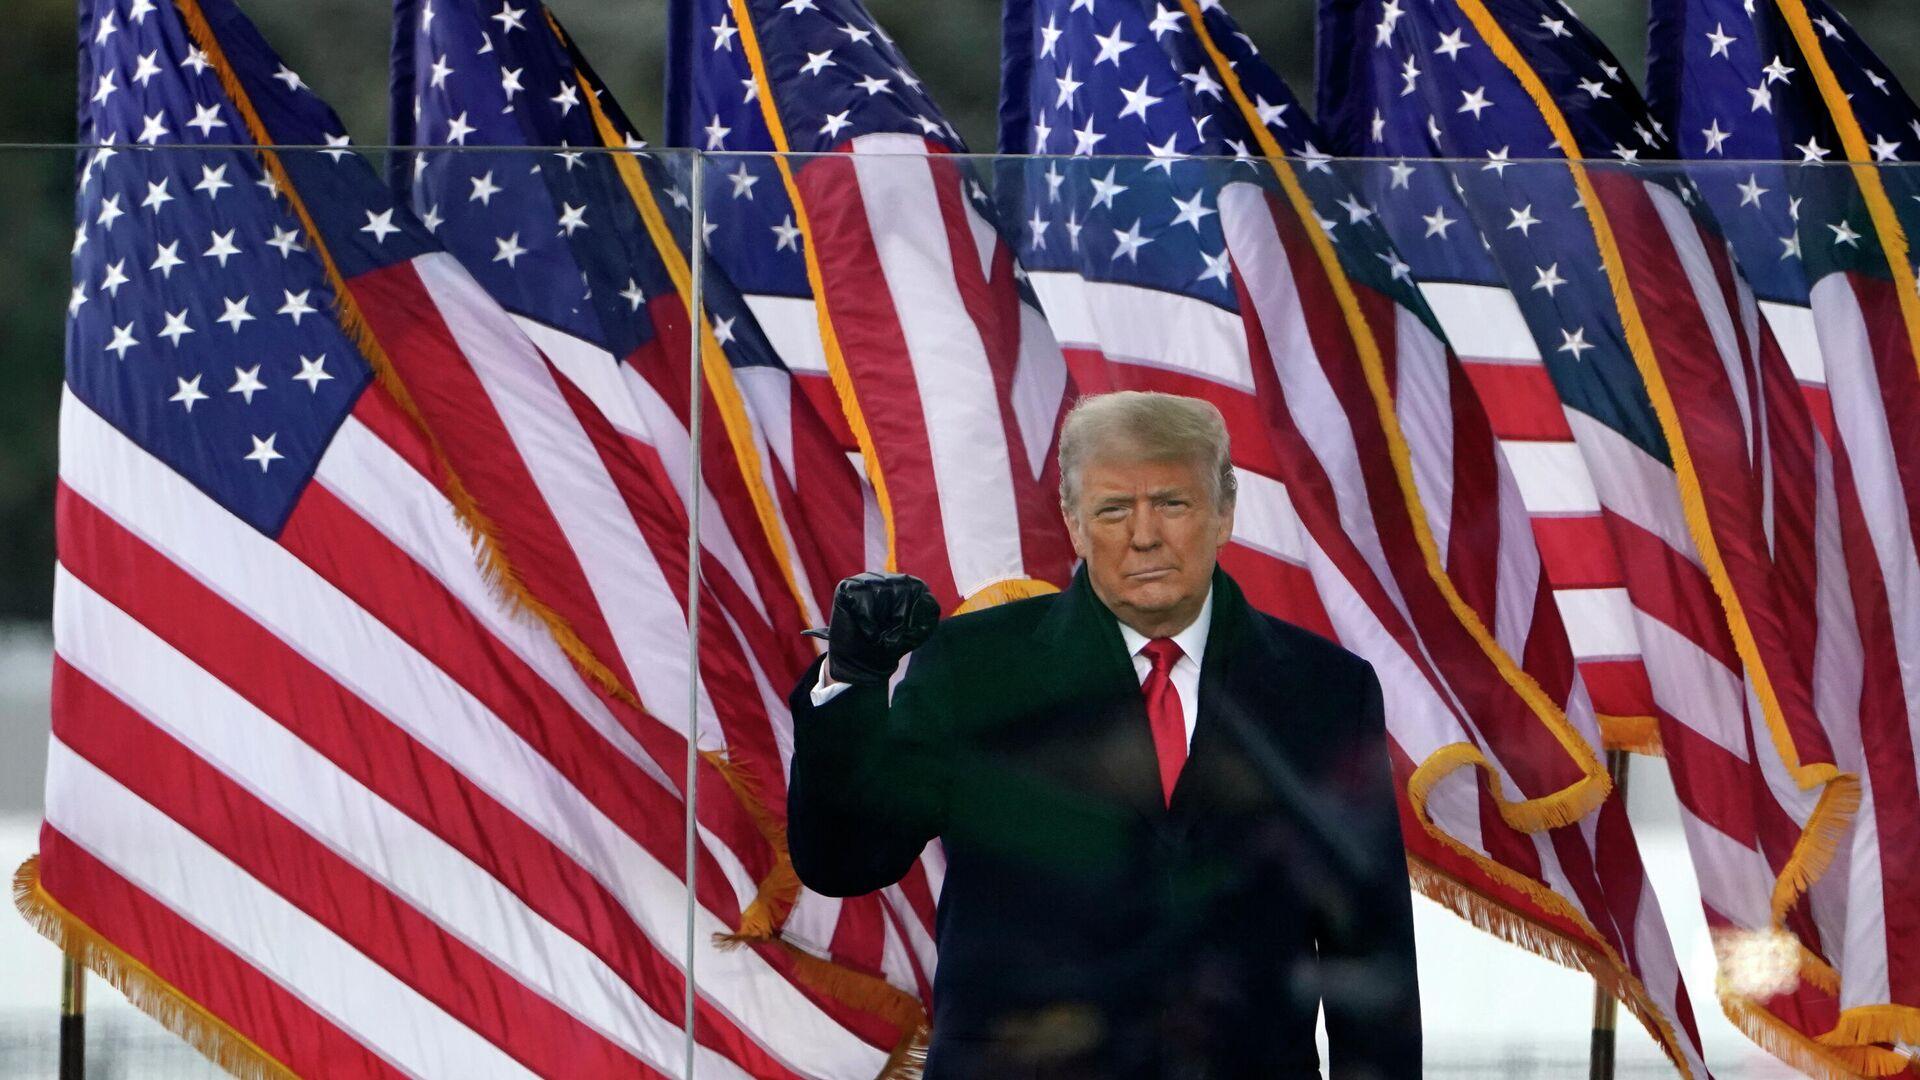 Президент Дональд Трамп выступает на митинге в Вашингтоне - РИА Новости, 1920, 20.01.2021